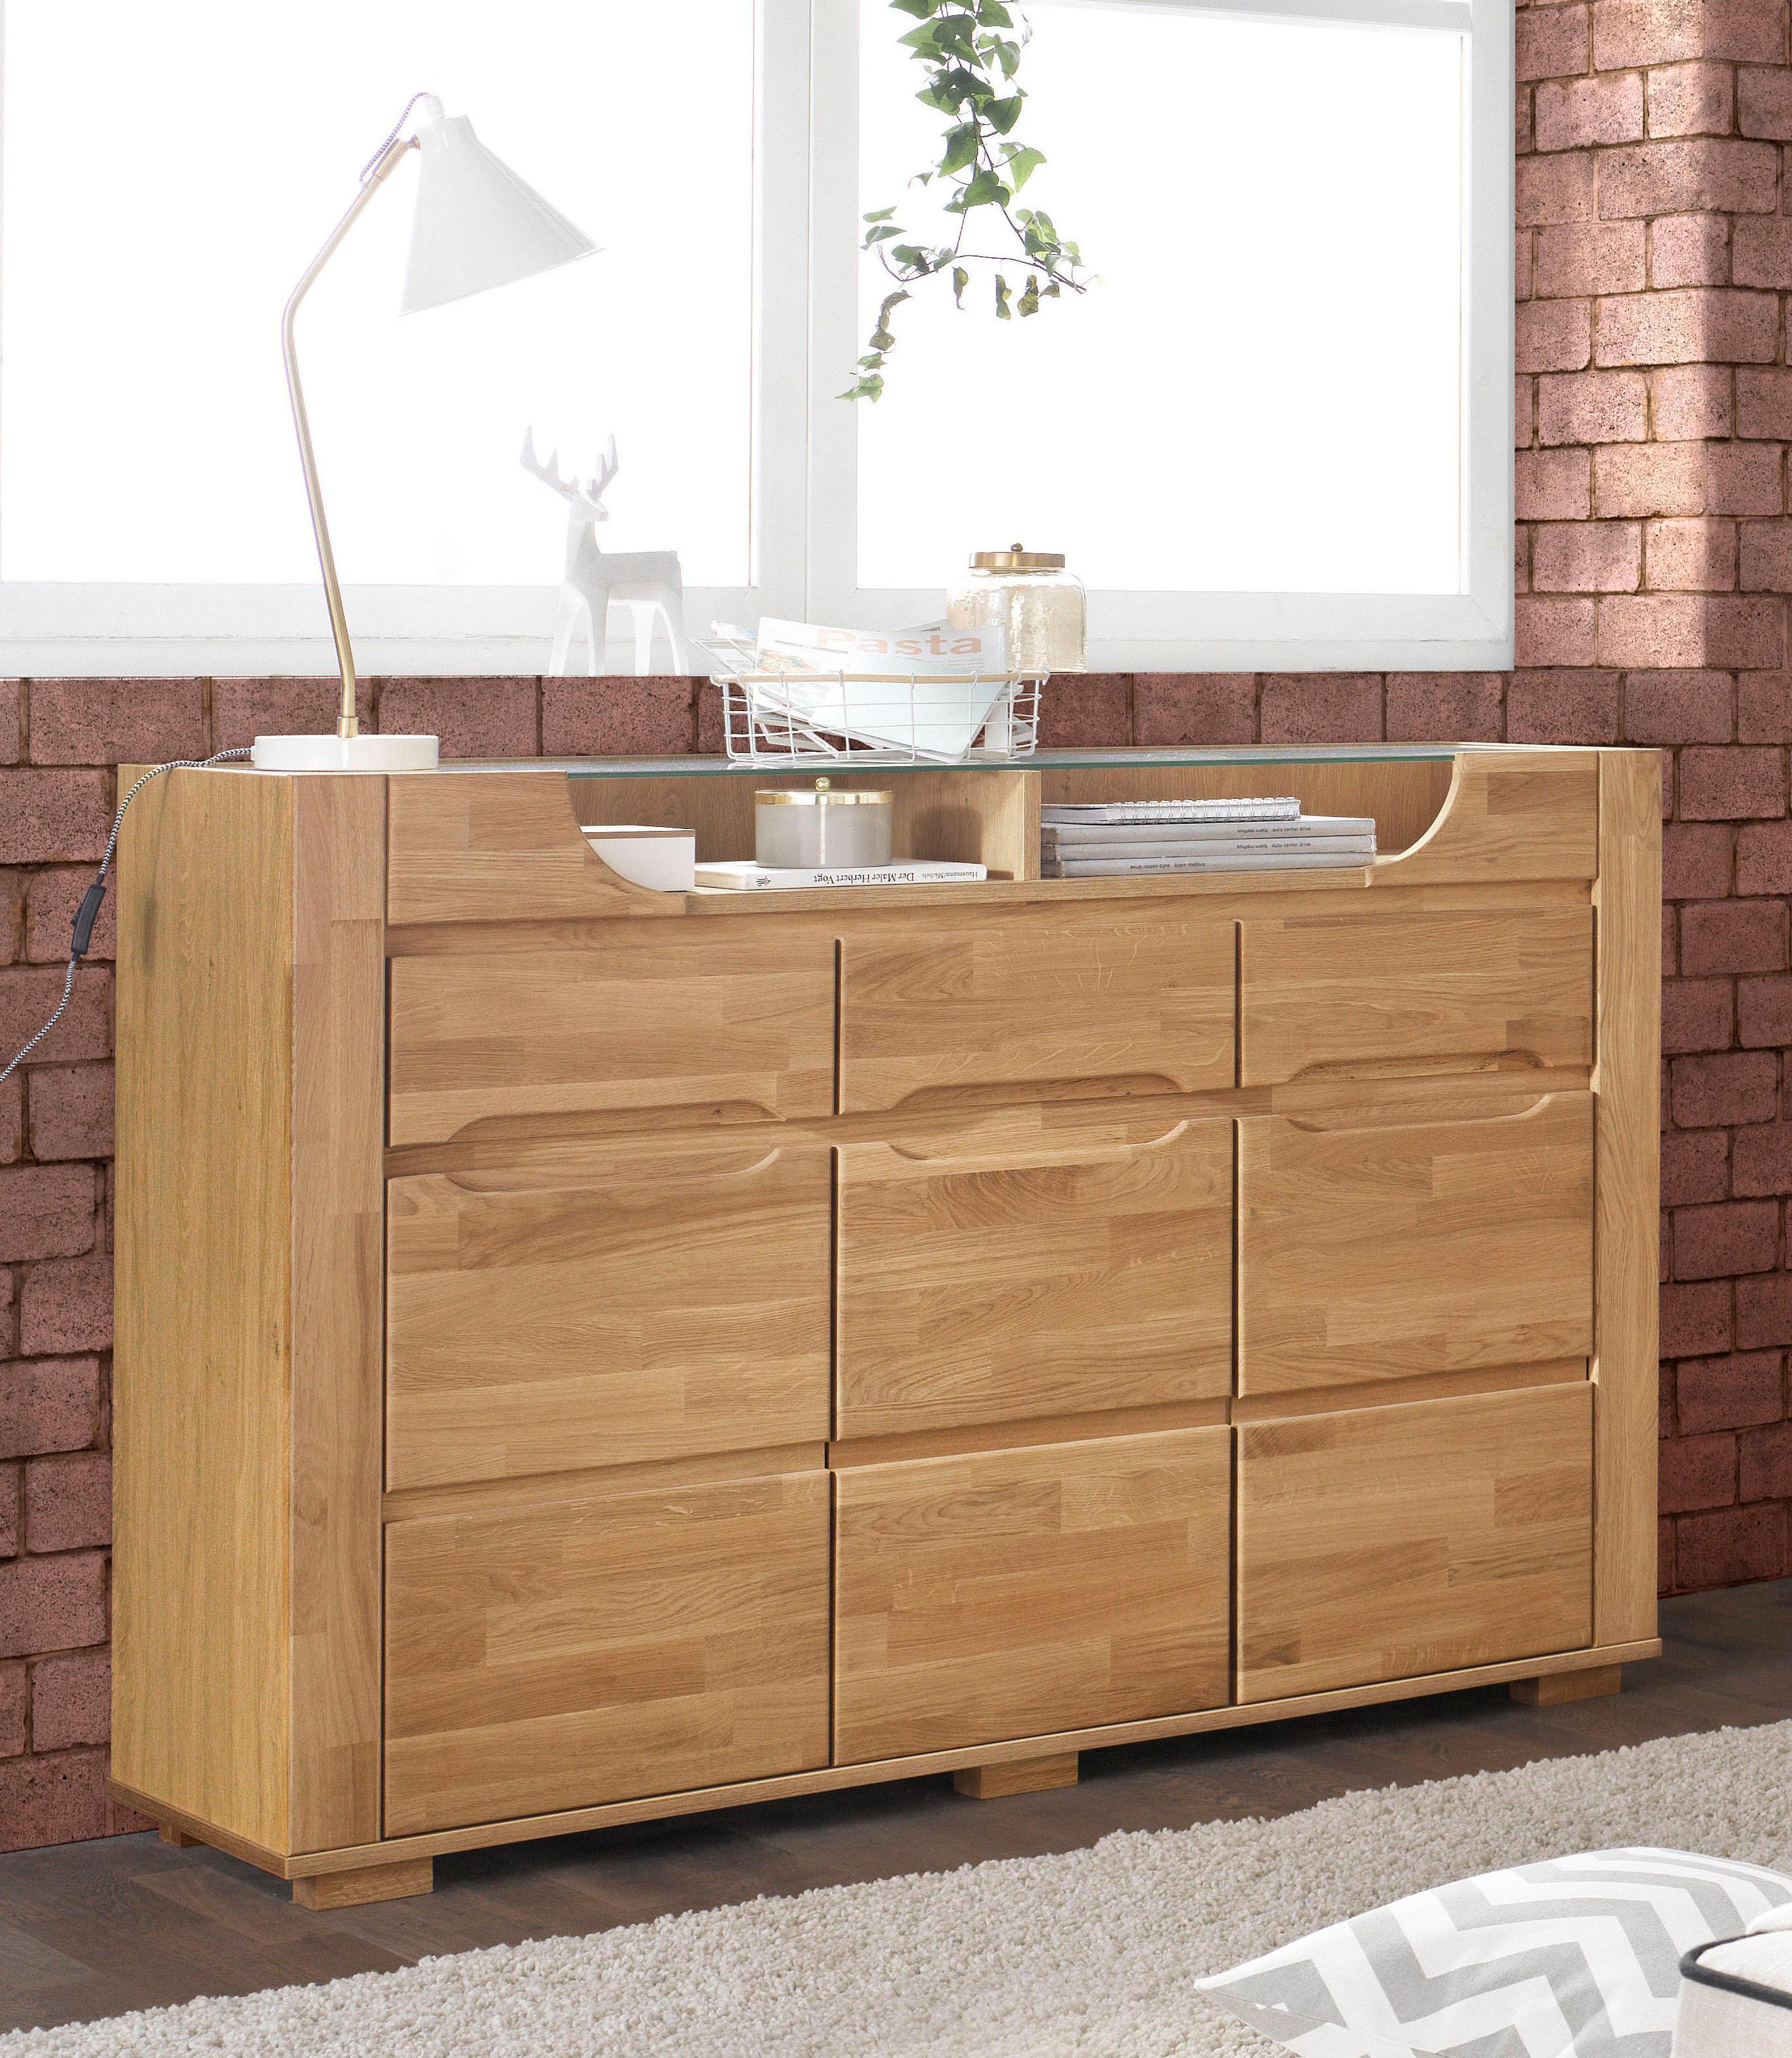 sideboard denis breite 140 cm kaufen baur. Black Bedroom Furniture Sets. Home Design Ideas